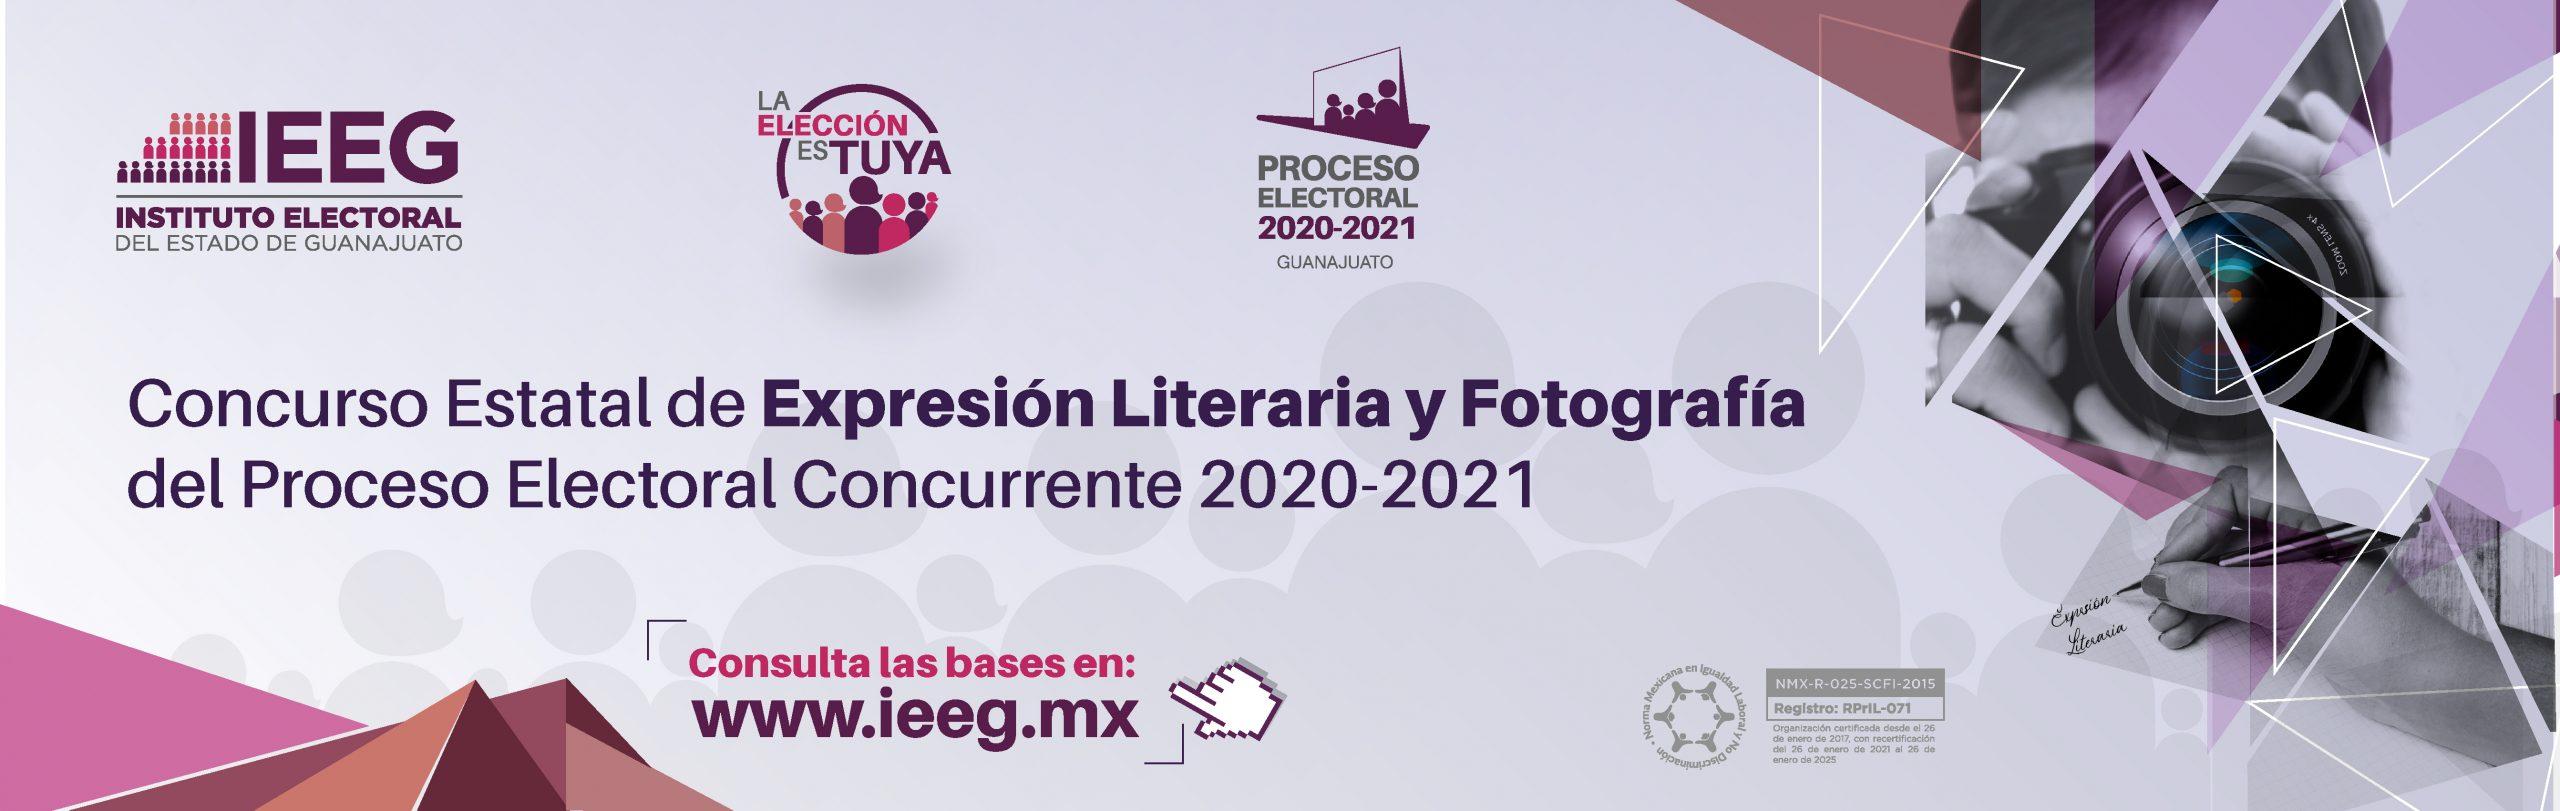 Concurso Estatal de Expresión Literaria y Fotografía del Proceso Electoral Concurrente 2020-2021. Da clic para más información